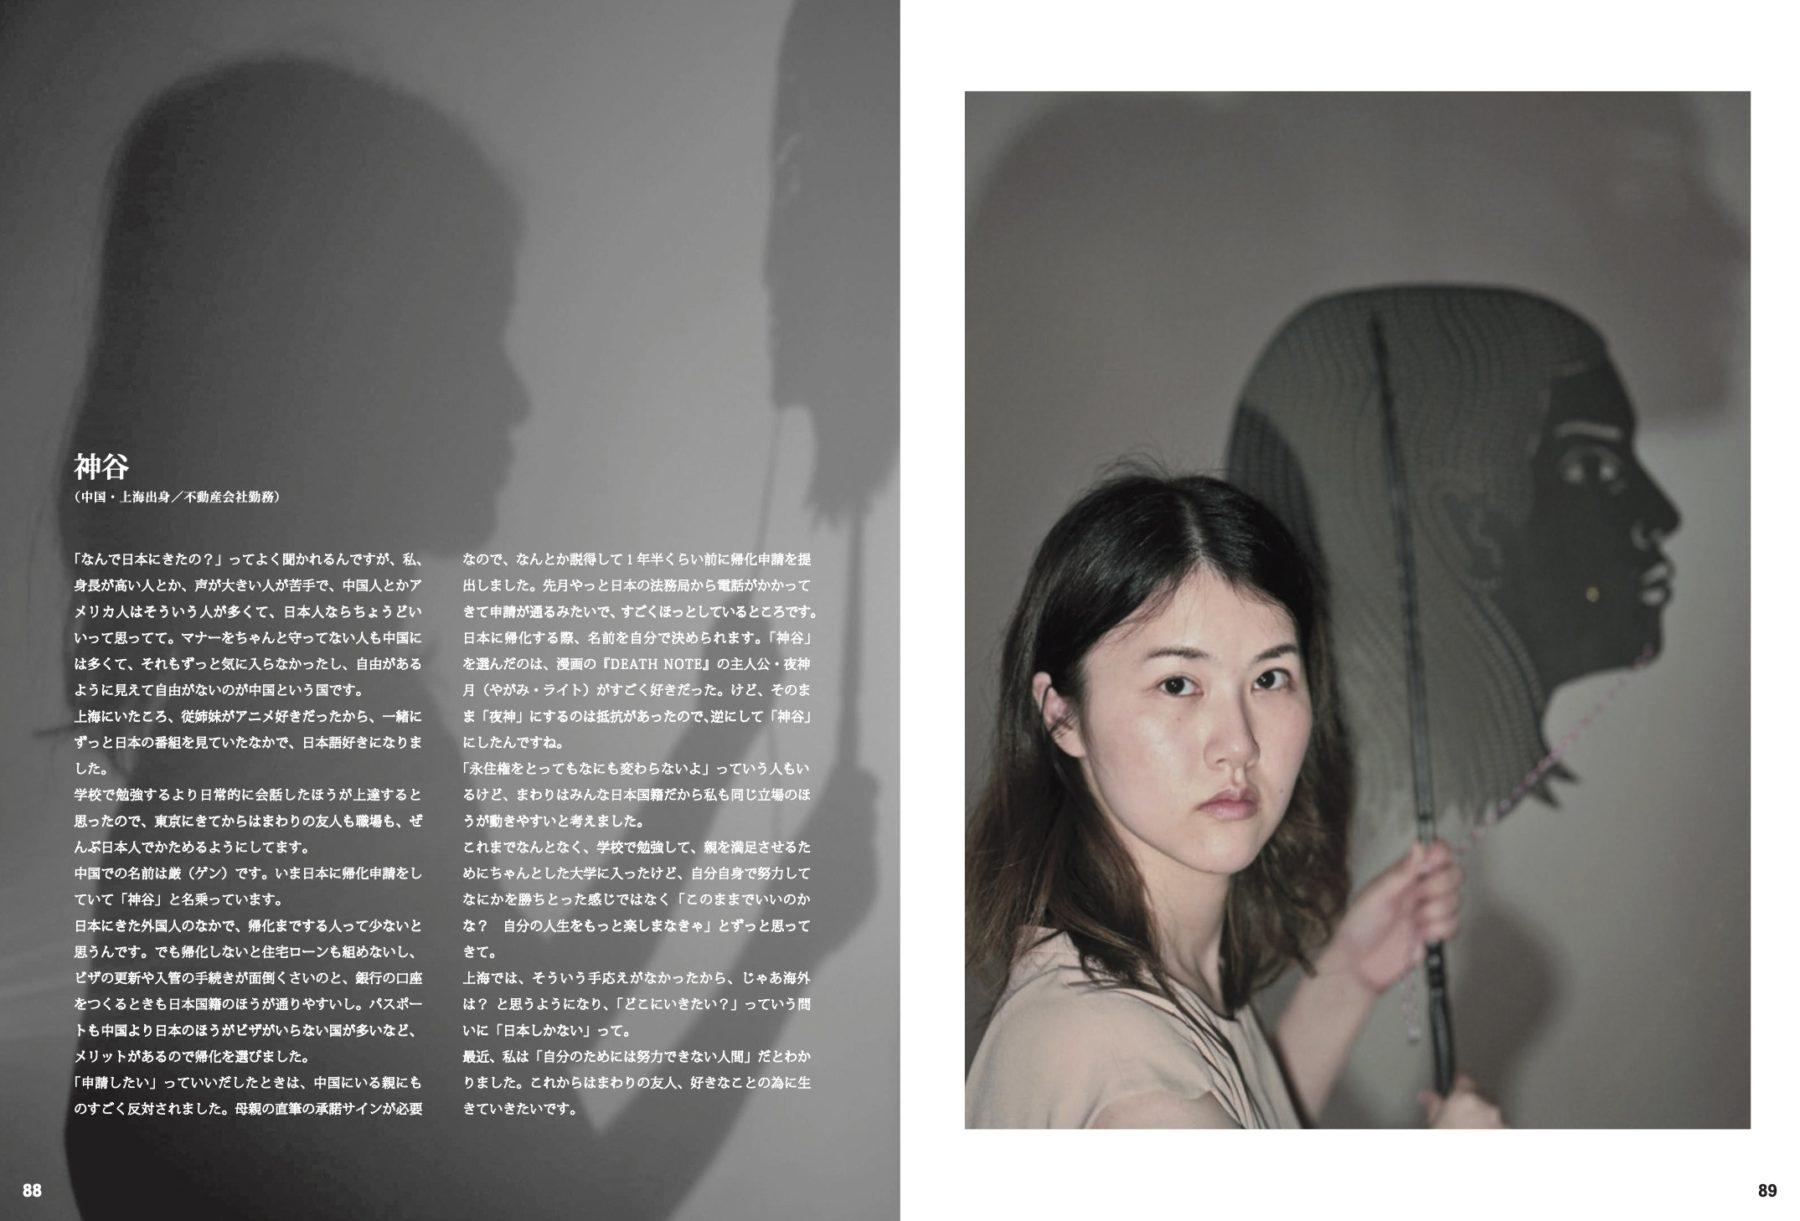 念校_tokyokagee(ドラッグされました) 2のコピー